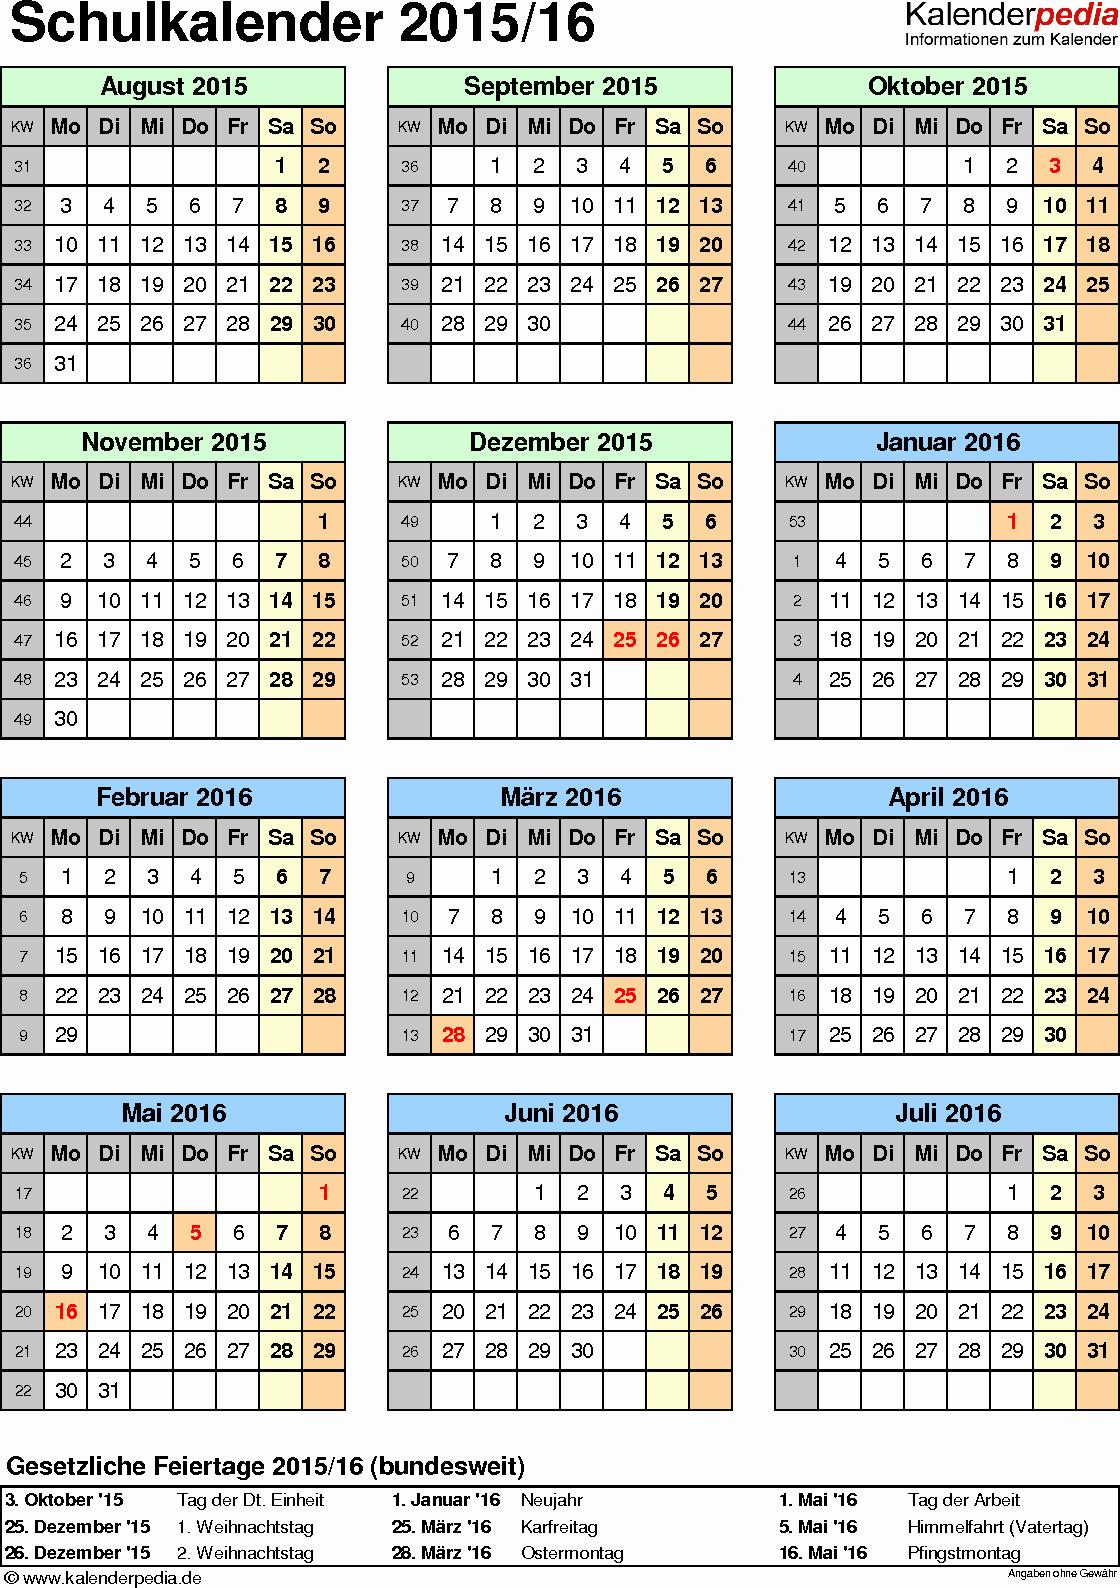 Blank Calendar 2016-17 Beautiful Schulkalender 2015 2016 Als Pdf Vorlagen Zum Ausdrucken